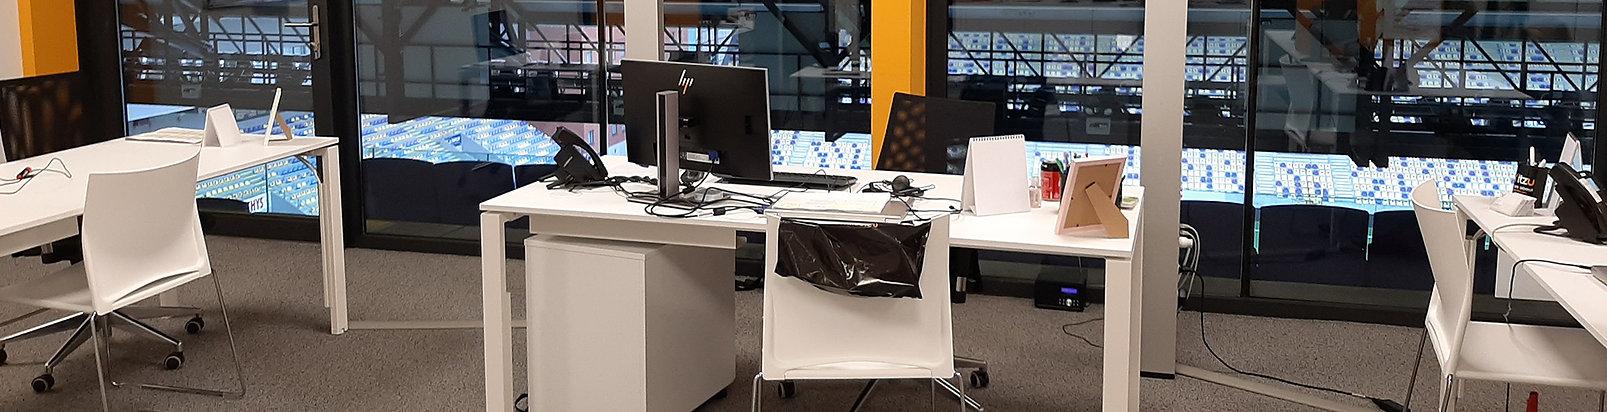 kantoren-te-huur-sint-truiden-header.jpg